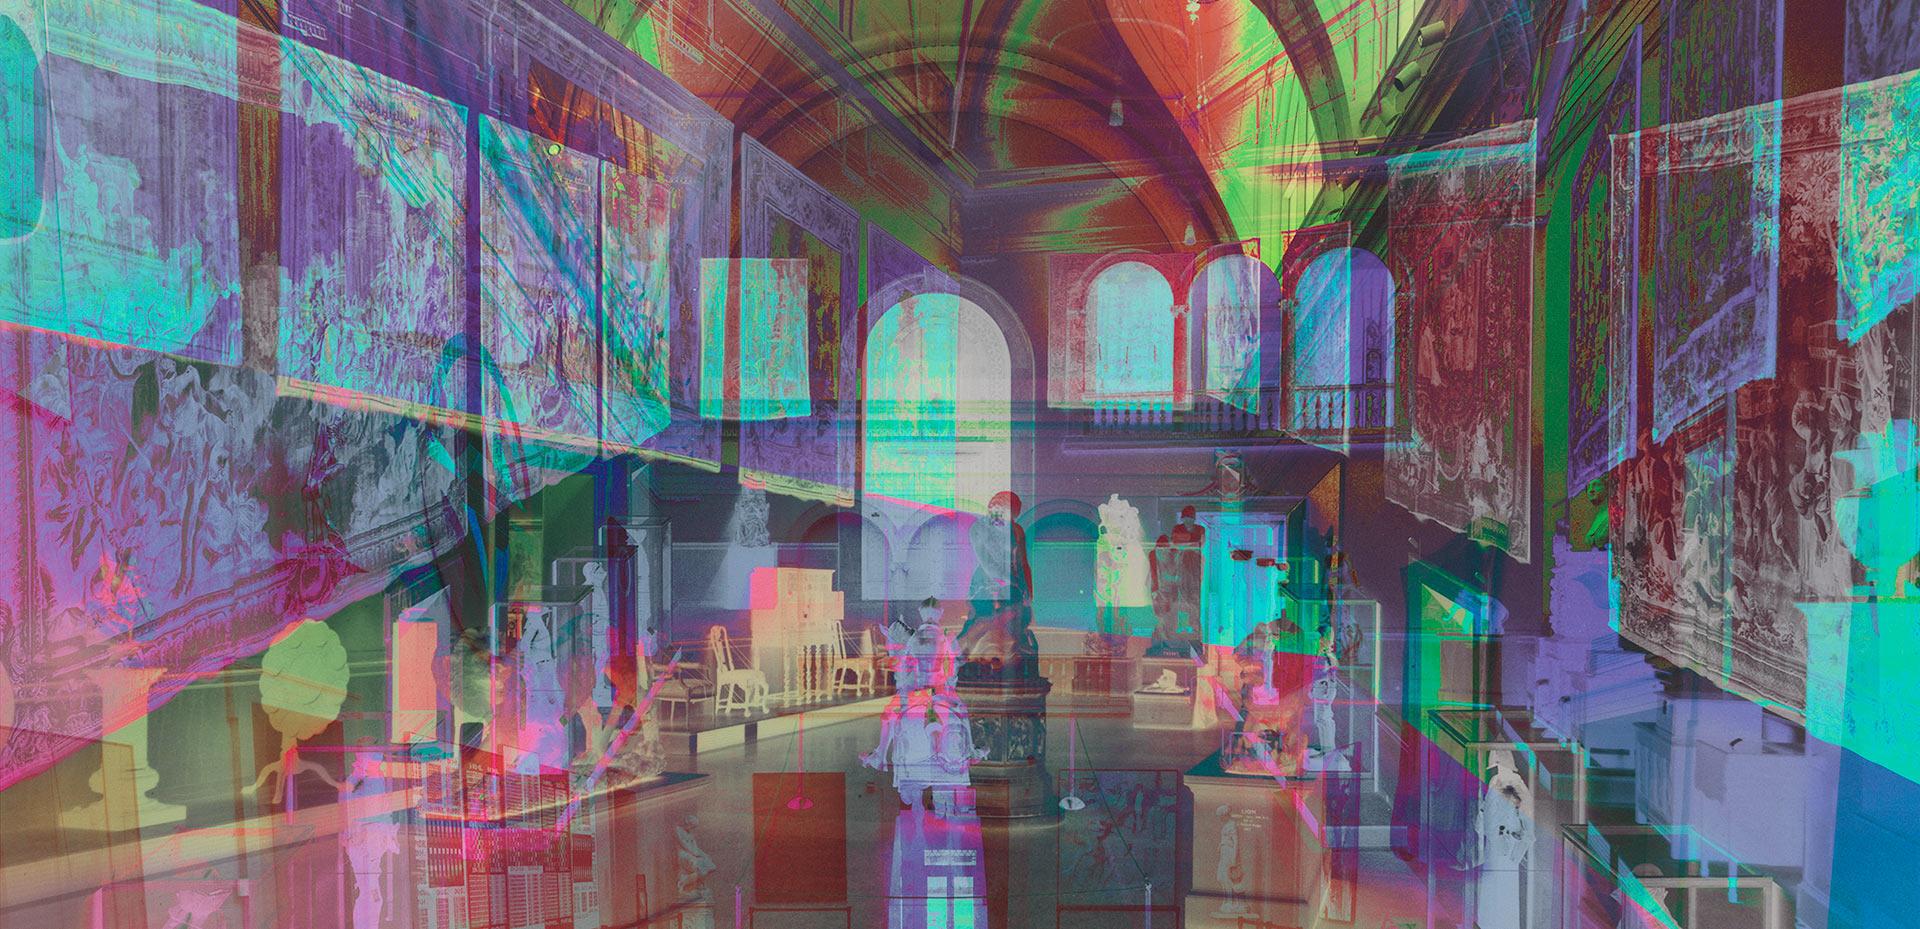 Le gallerie e la rivoluzione digitale del mercato dell'arte. 5 CASI STUDIO, da Gagosian a Zwirner